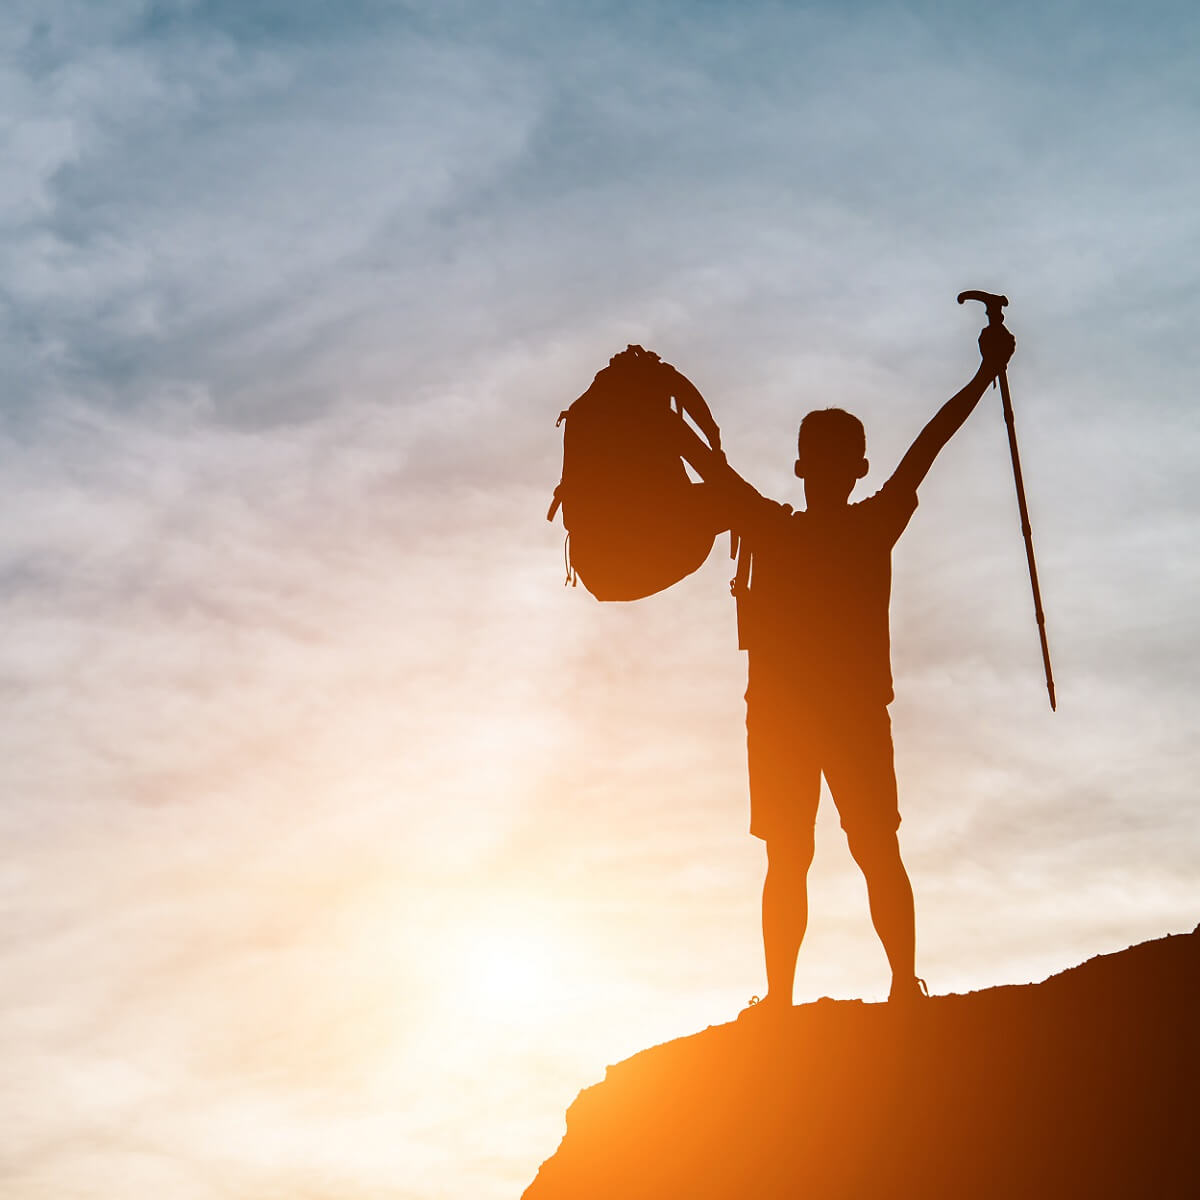 山の山頂に立つ男性の写真。